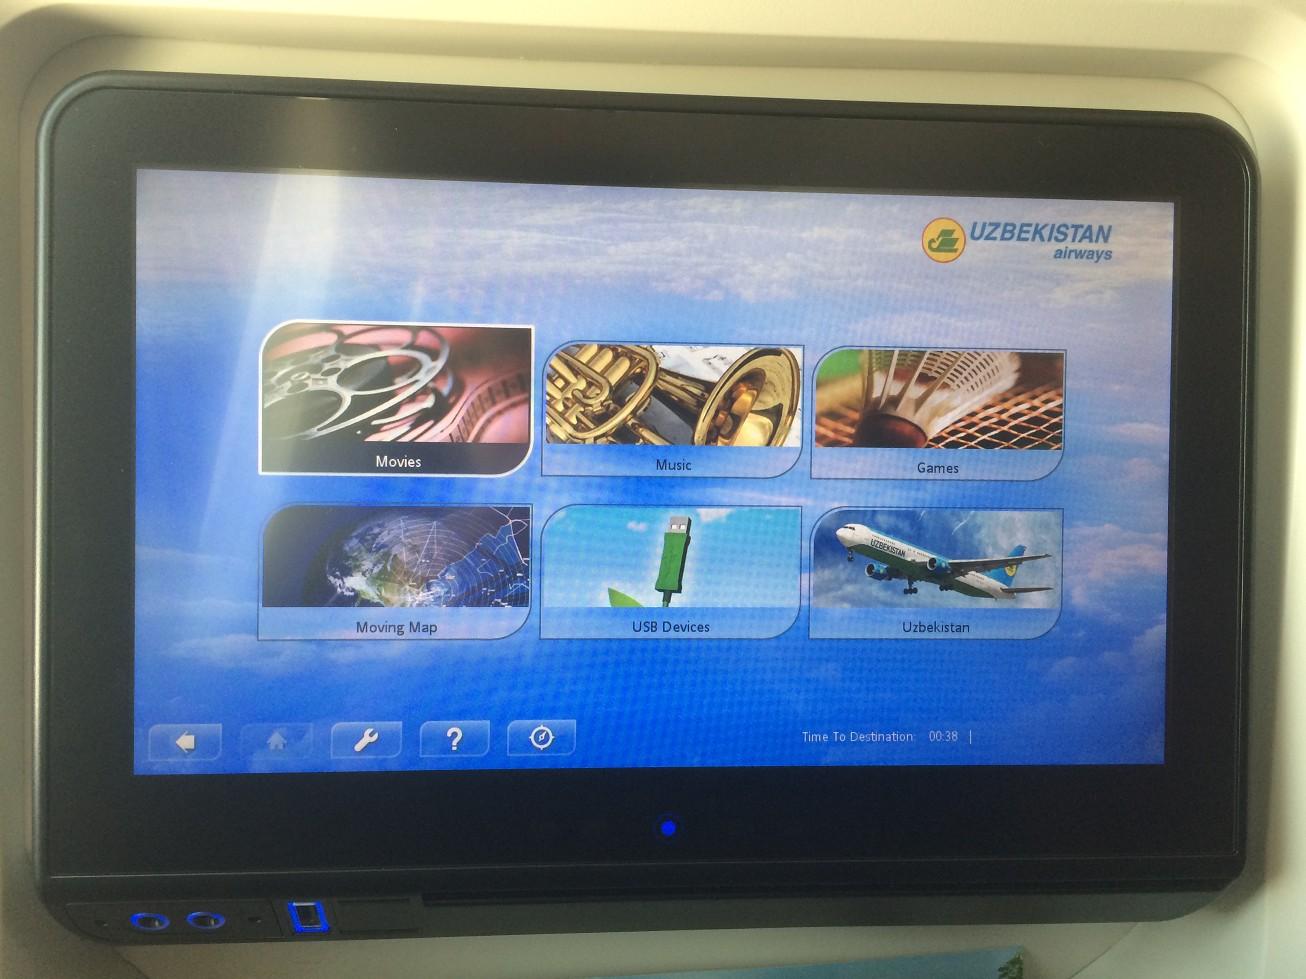 嶄新的觸控式螢幕娛樂設備